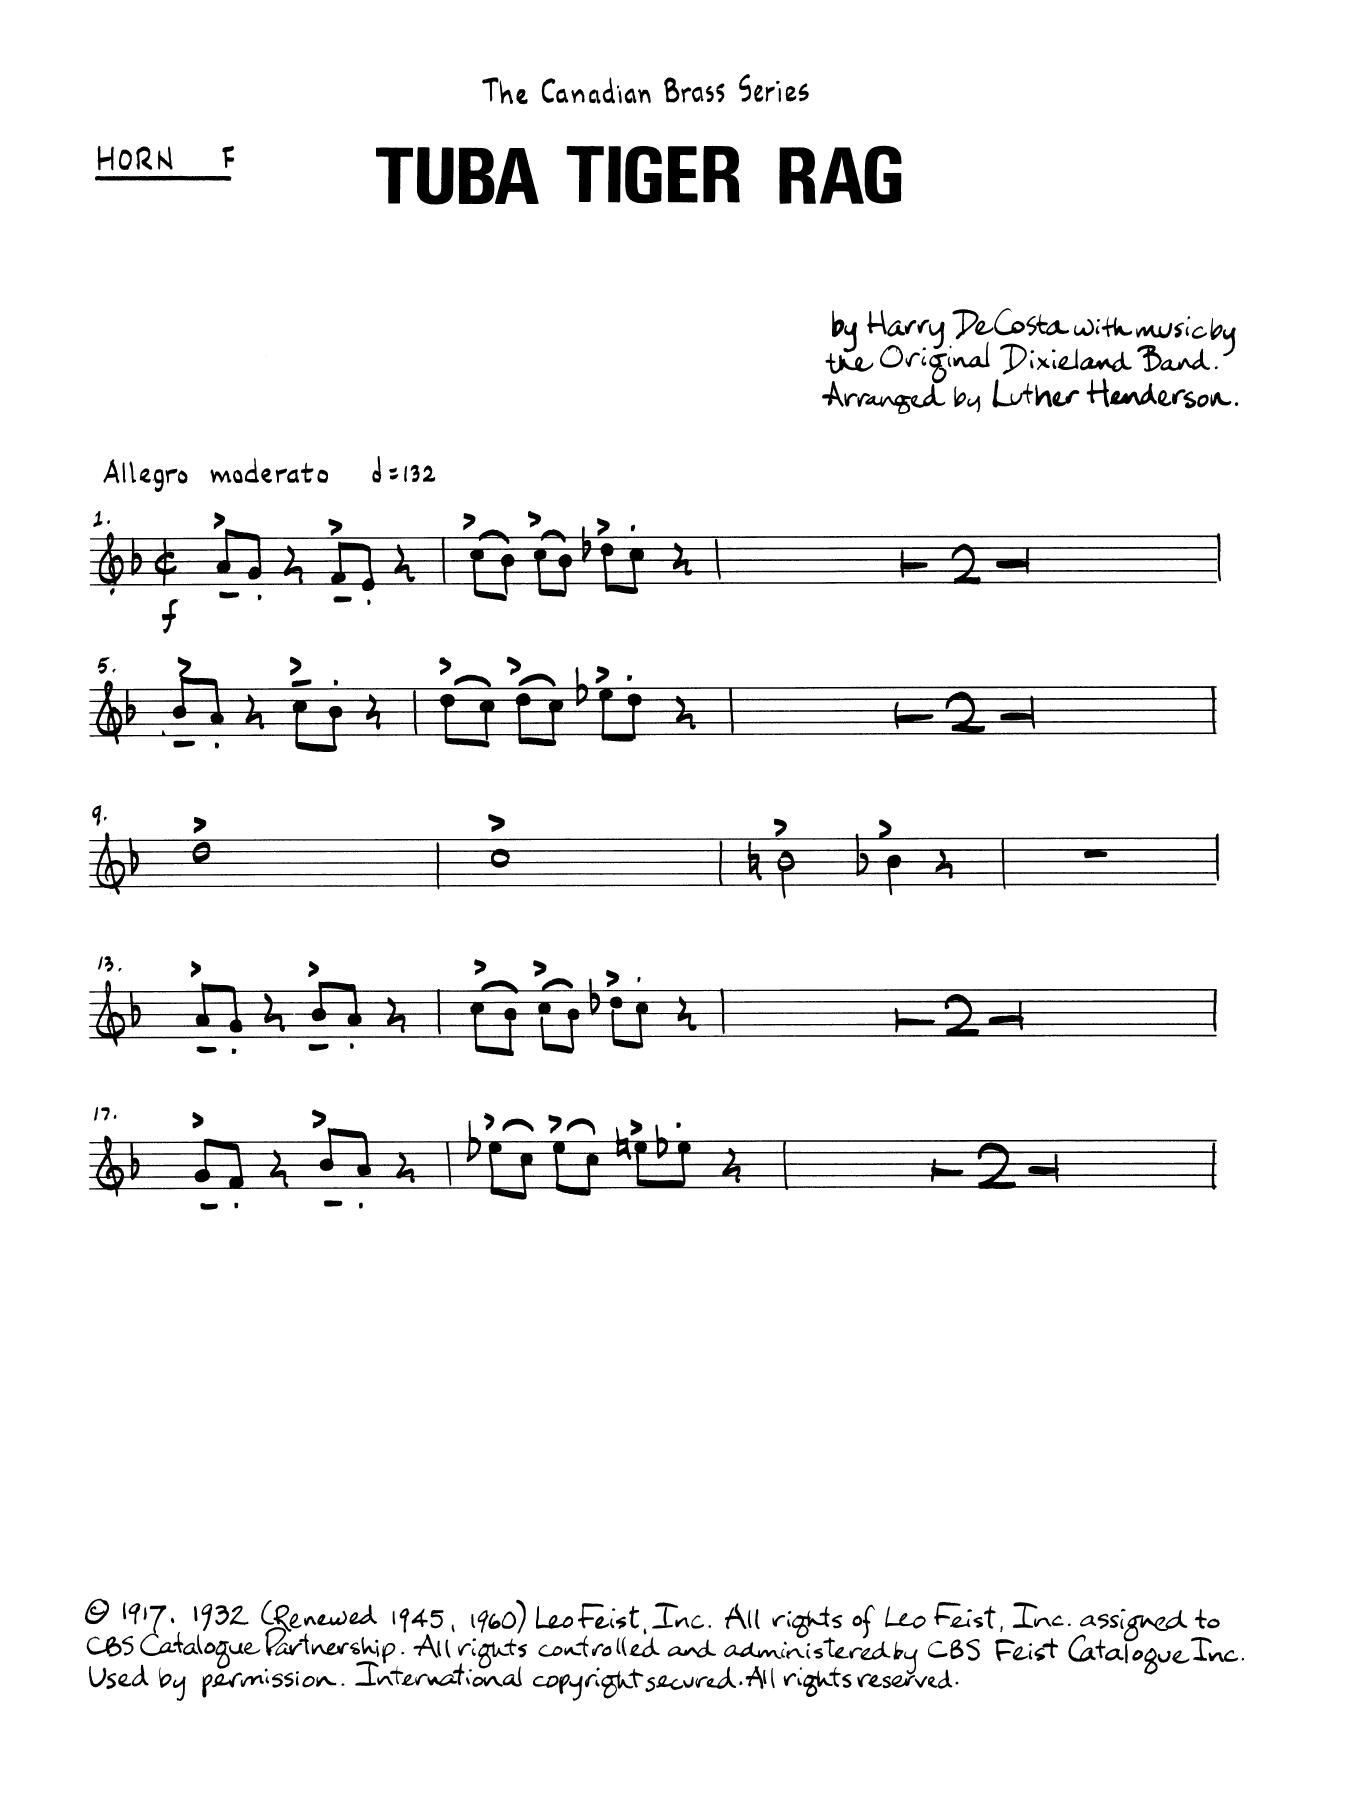 Tuba Tiger Rag - Horn in F Sheet Music